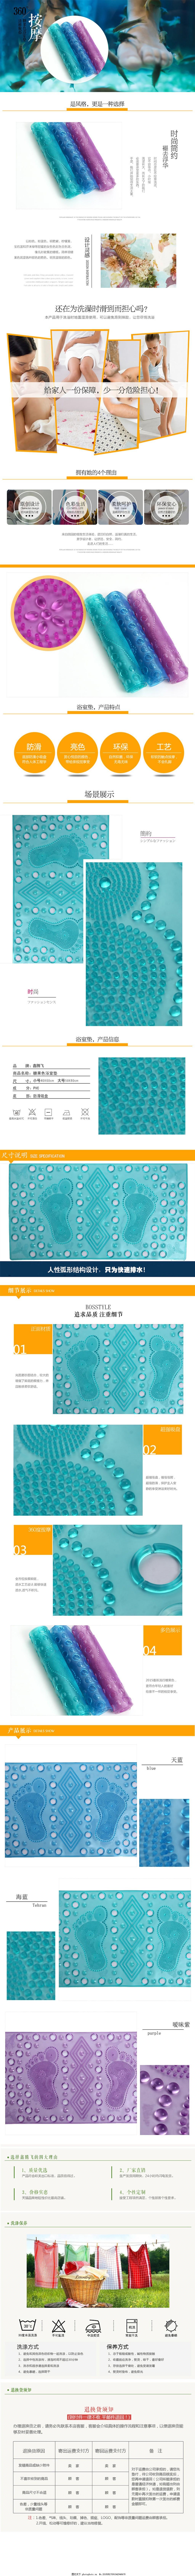 浴缸垫    家居用品  详情页 淘宝素材 淘宝设计 淘宝模板下载